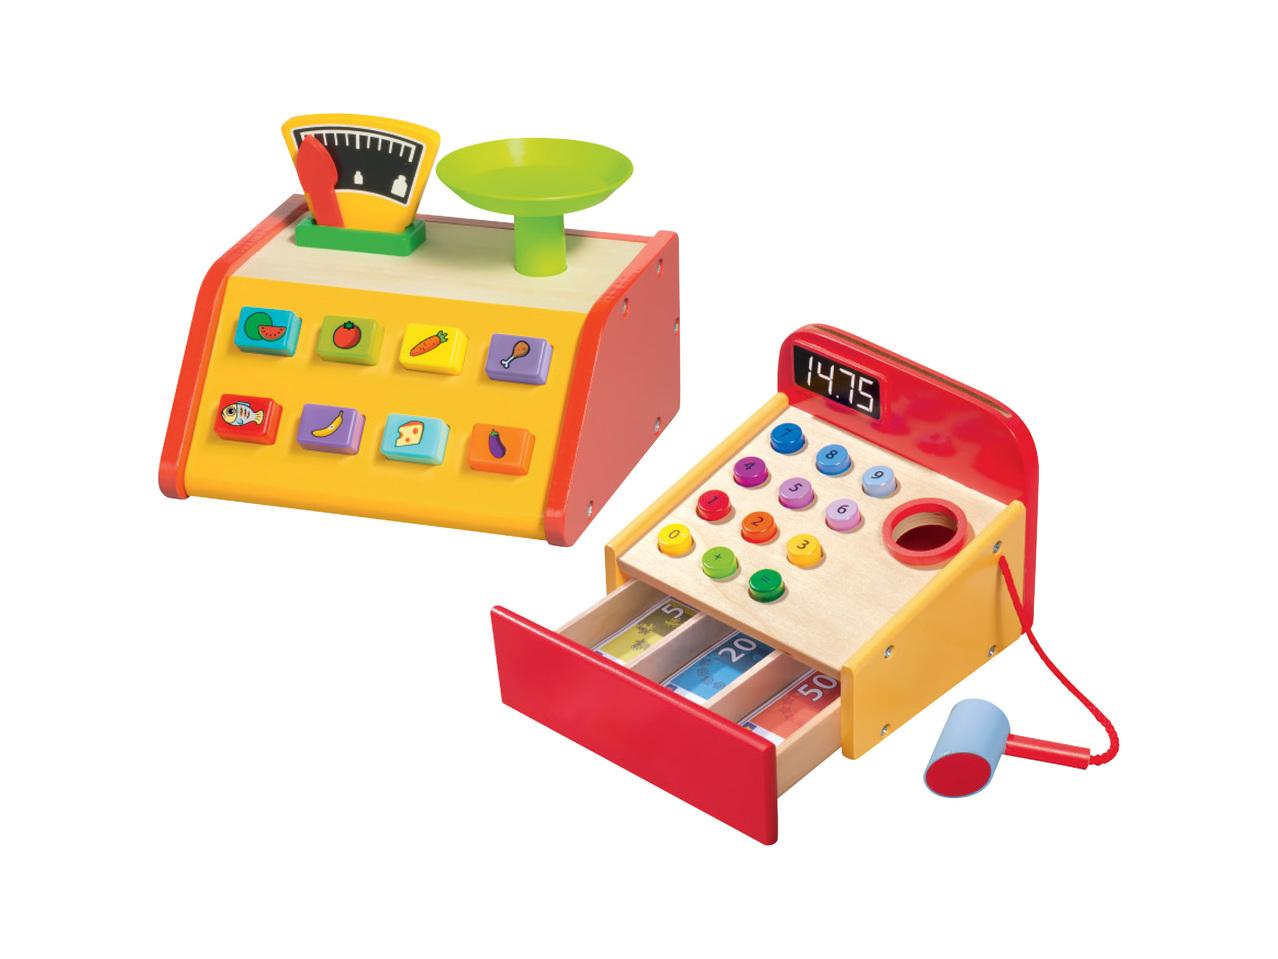 toebehoren kassa 999 - Geweldig (budget!) houten speelgoed tips voor Sinterklaas